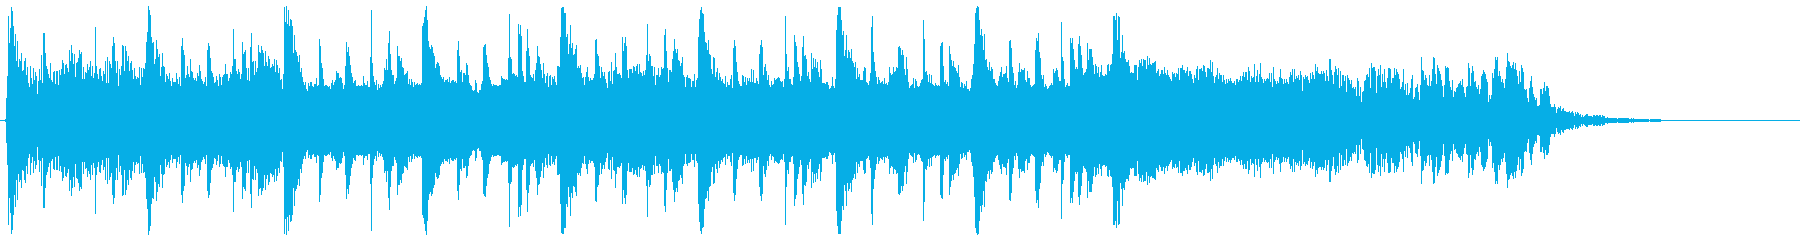 エンジン音をギターで表現したアイキャッチの再生済みの波形